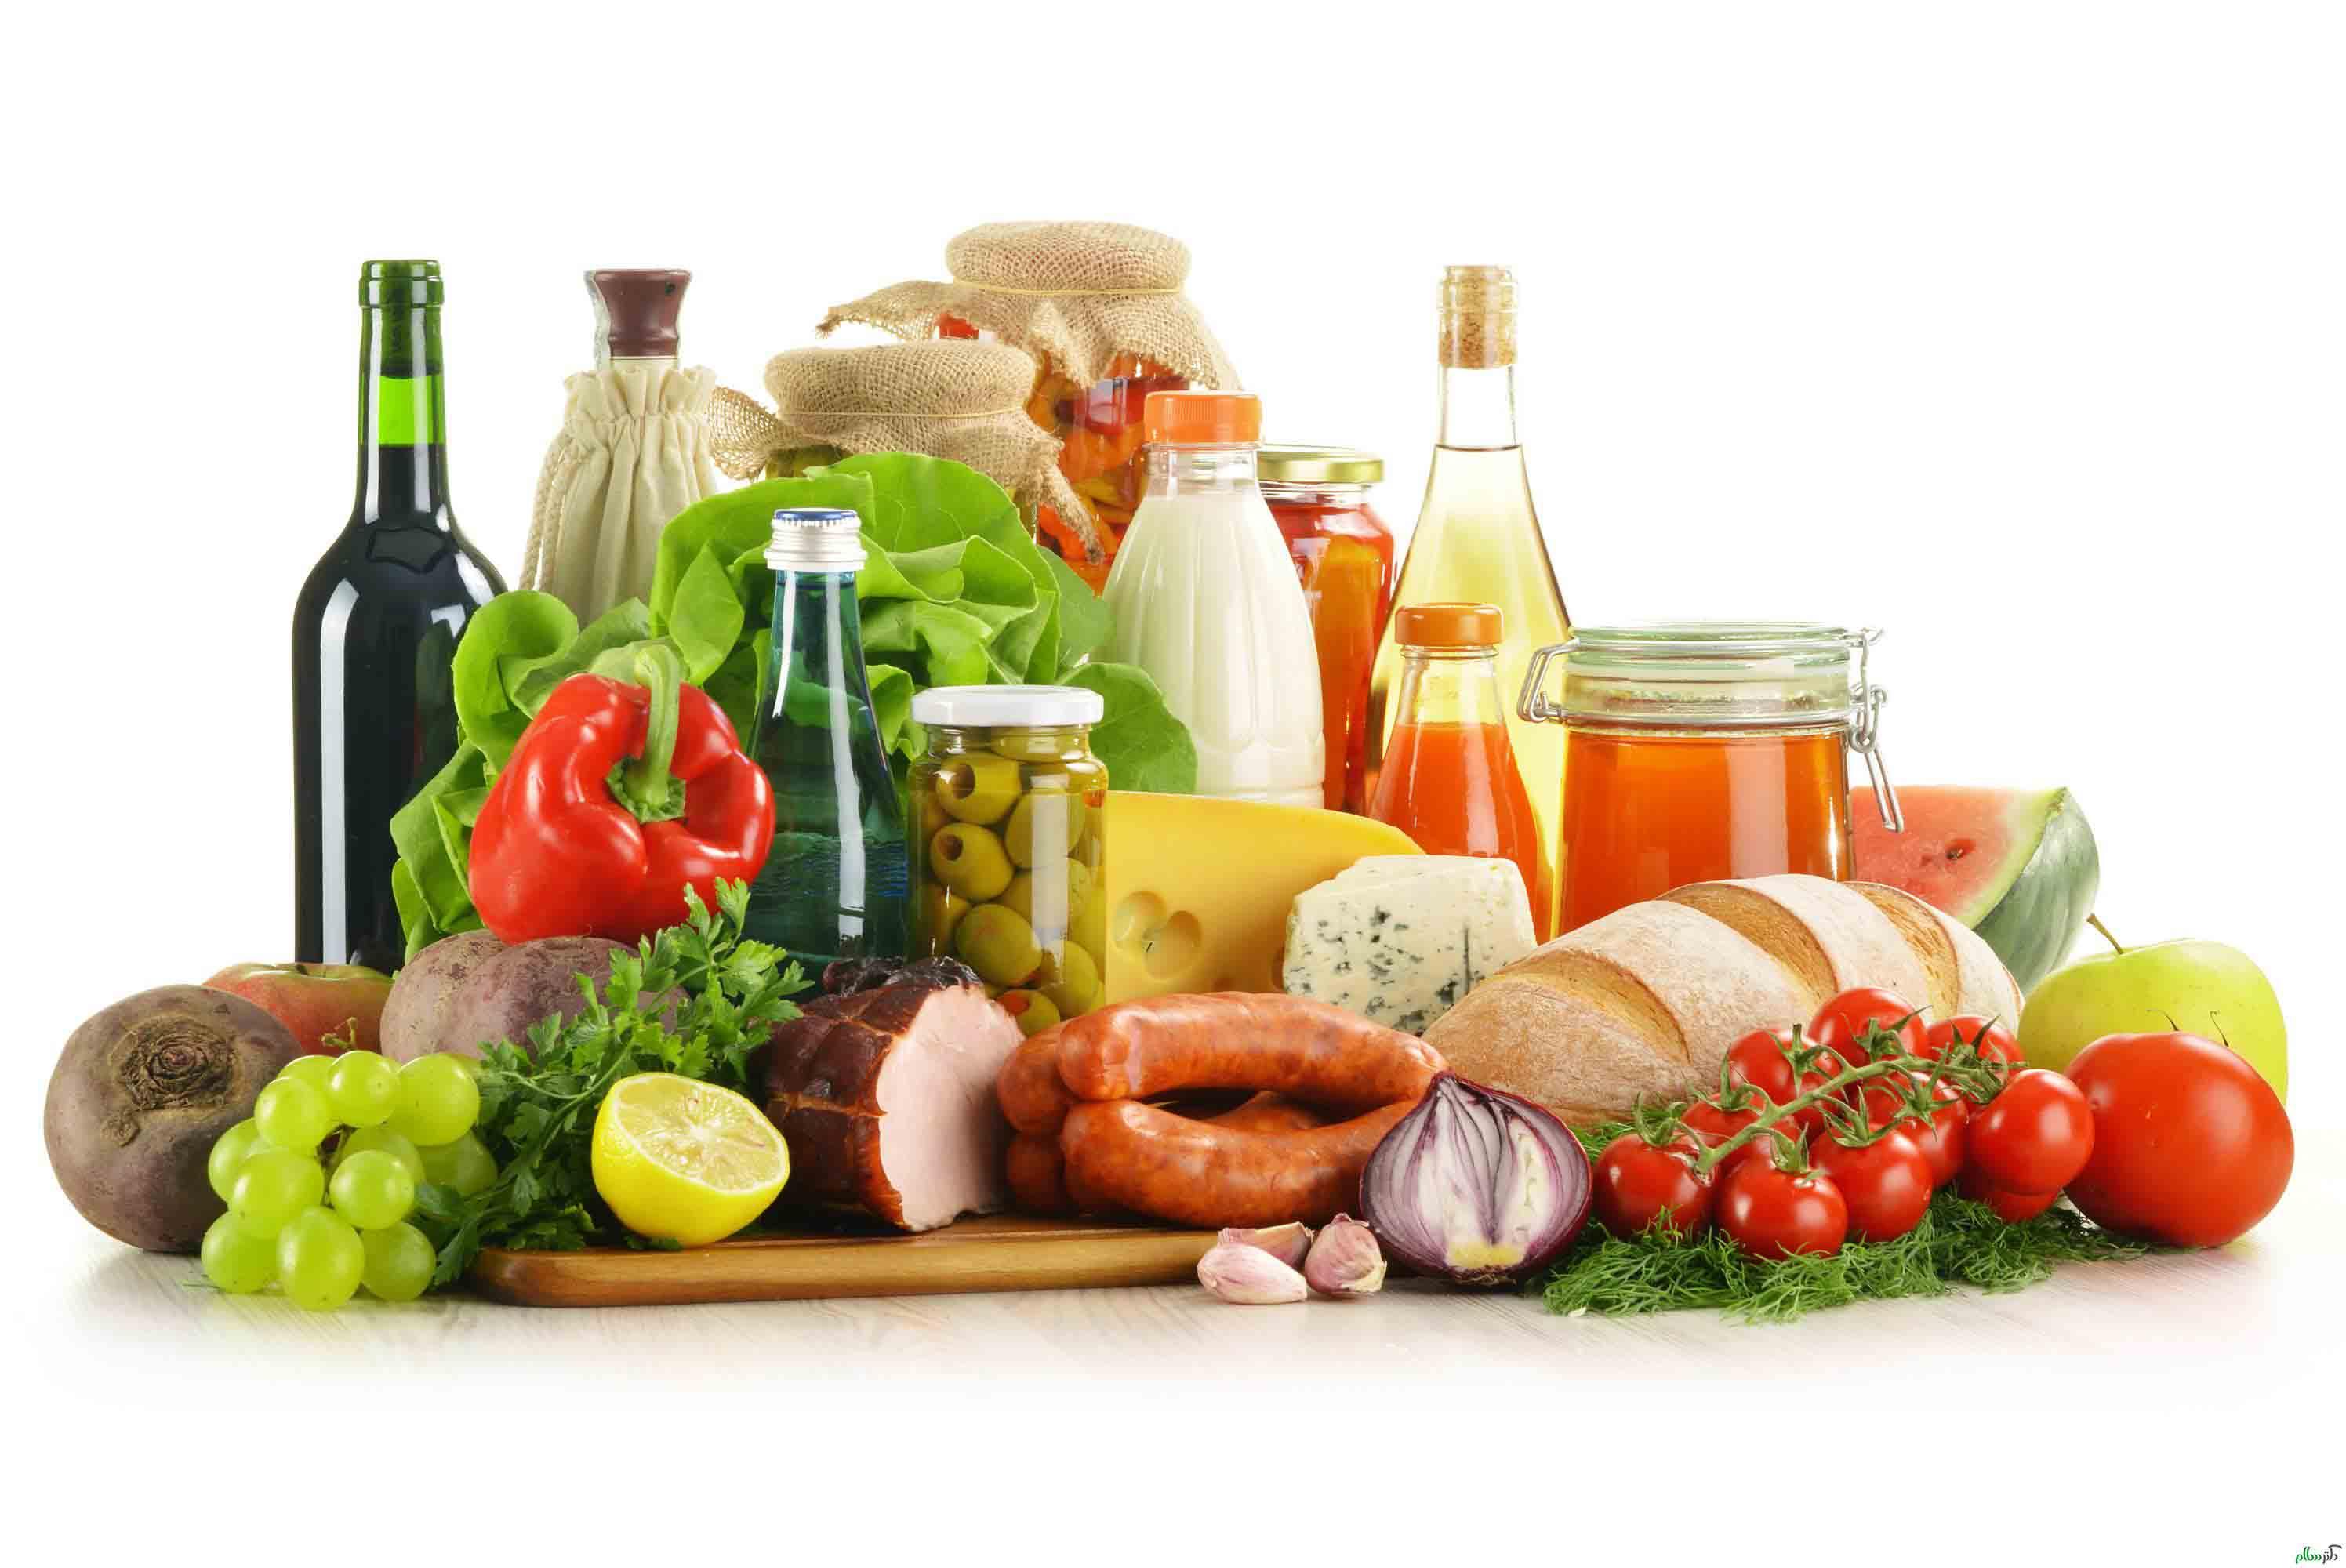 دانستنی های لازم از خواص برخی مواد غذایی- پایگاه اینترنتی دانستنی ایران